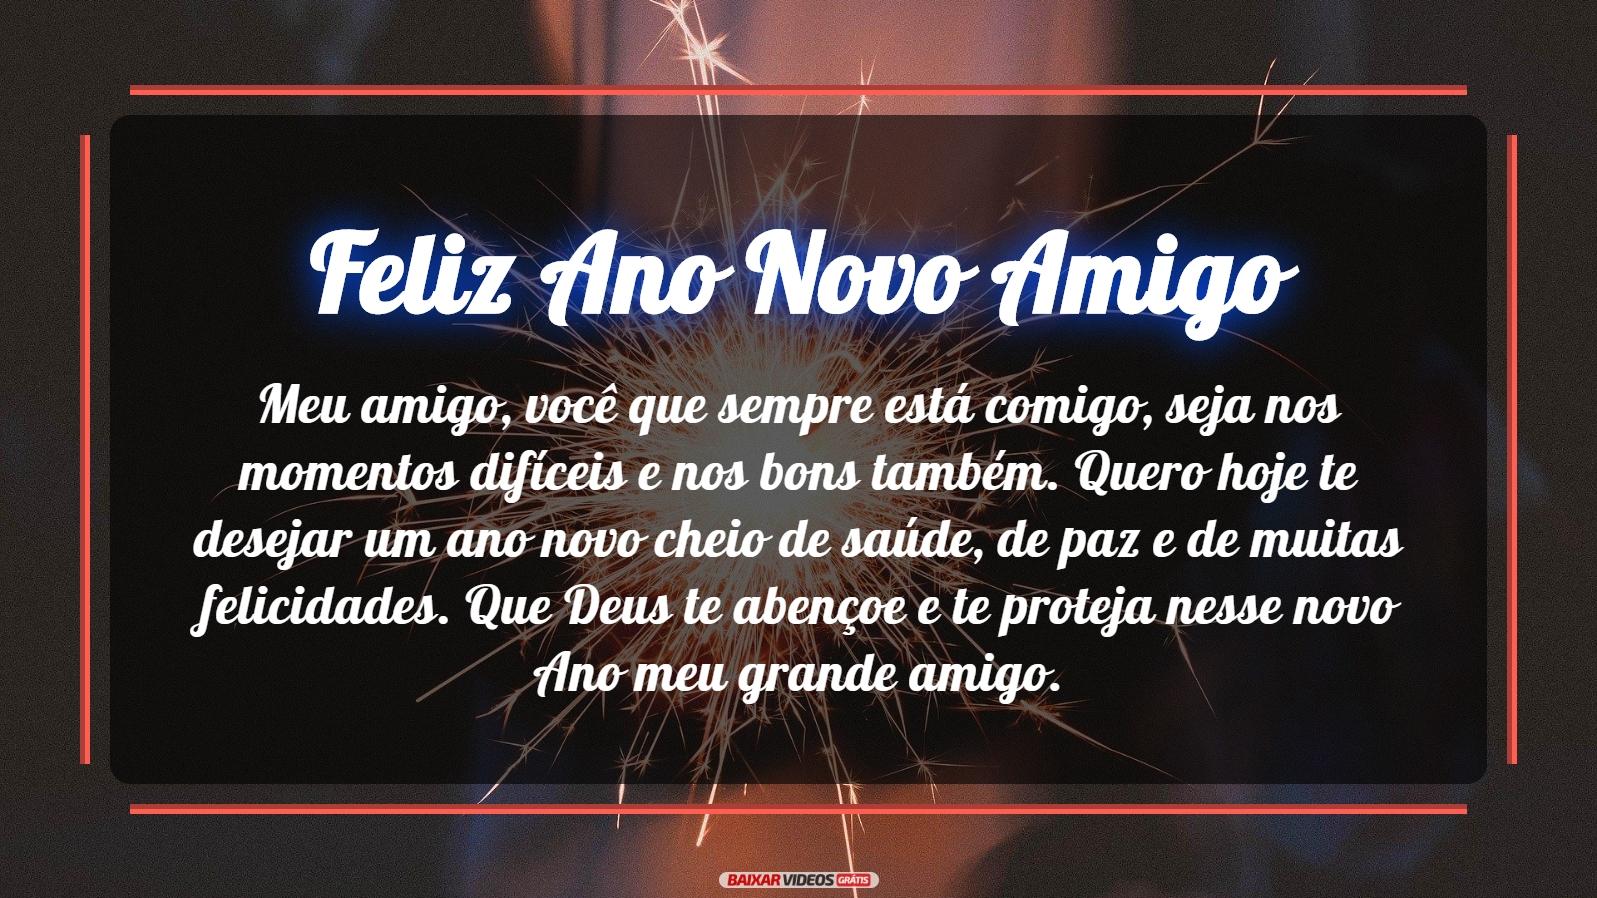 Meu amigo, você que sempre está comigo, seja nos momentos difíceis e nos bons também. Quero hoje te desejar um ano novo cheio de saúde, de paz e de muitas felicidades. Que Deus te abençoe e te proteja nesse novo Ano meu grande amigo. Feliz Ano Novo!